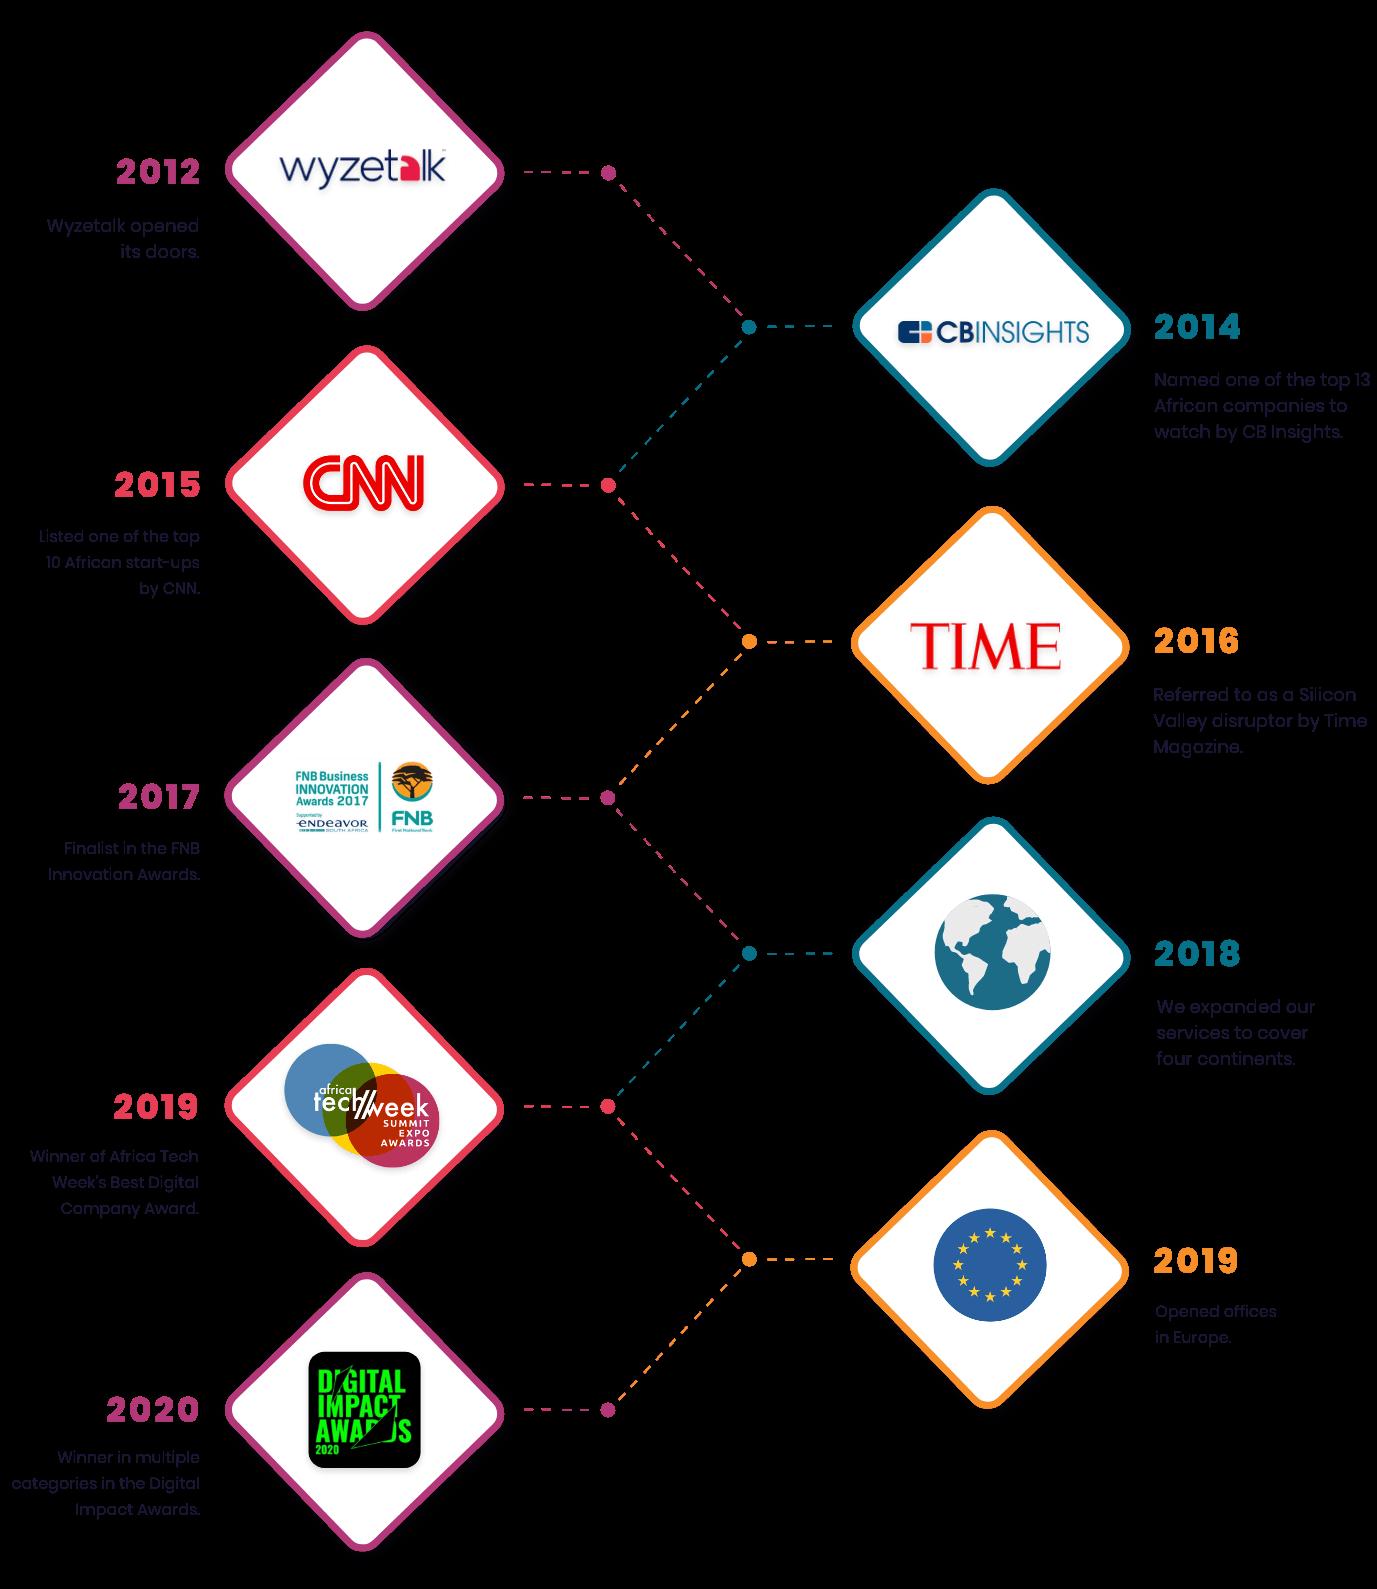 wyzetalk timeline